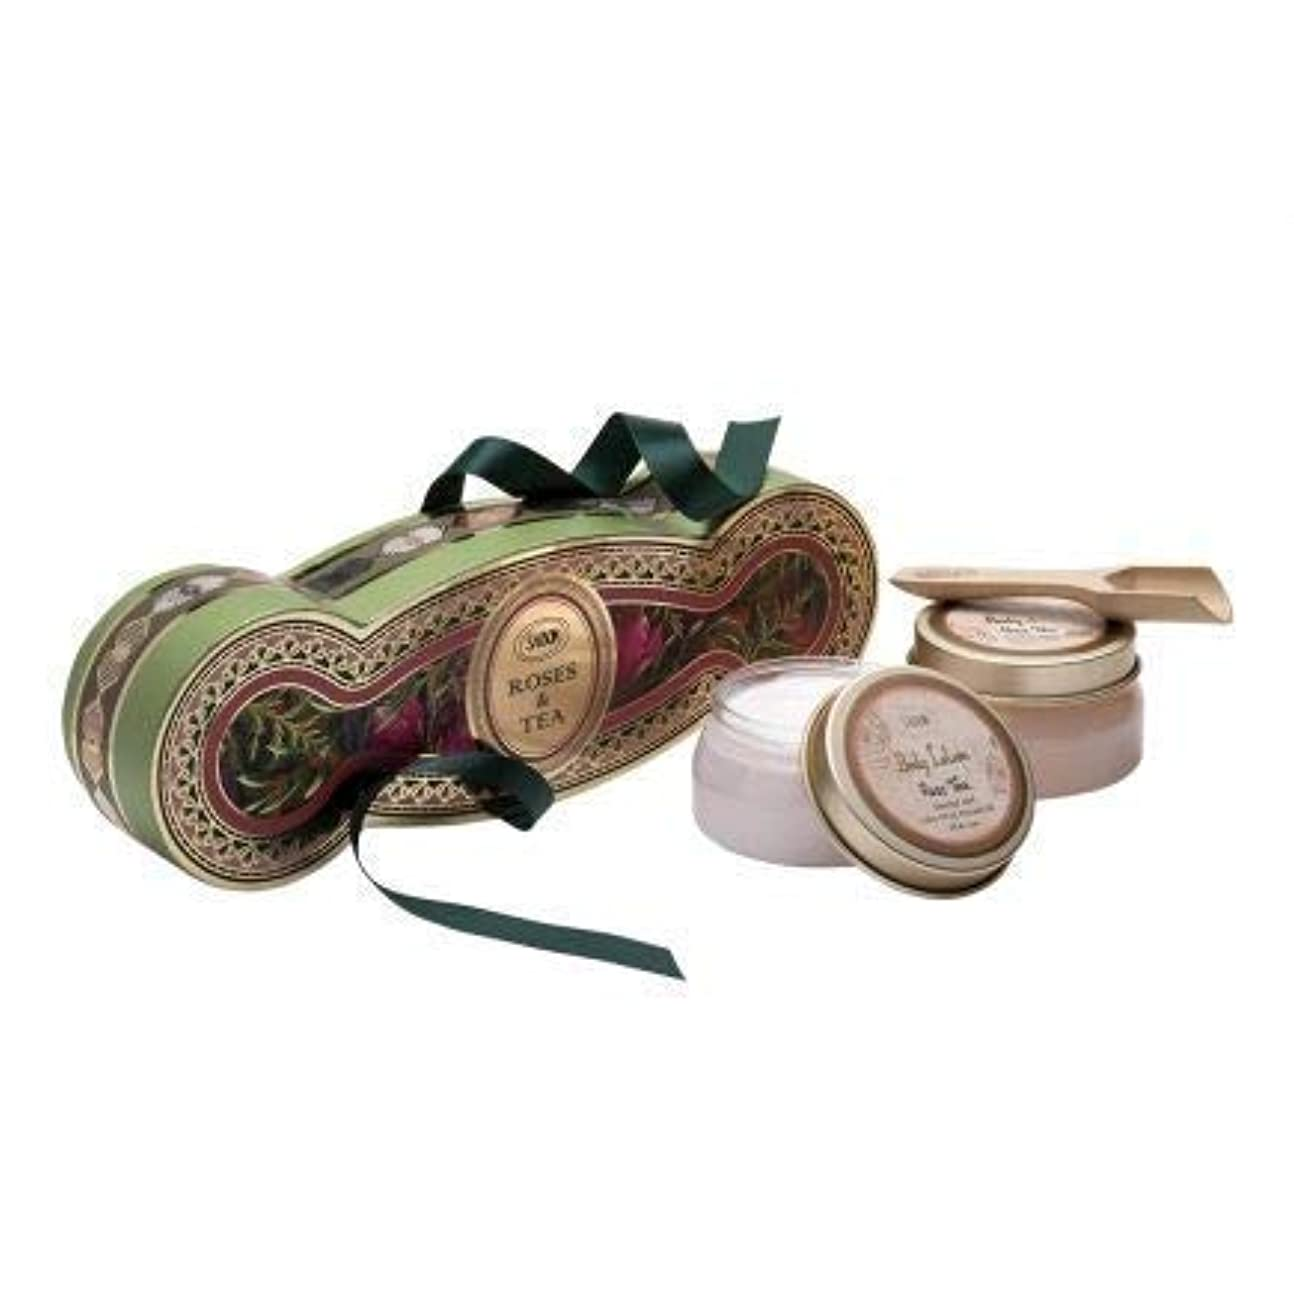 パズルレキシコン小川サボン コフレ ギフト ローズティー キット ボディスクラブ ボディローション ホワイトデー SABON Rose Tea kit コレクション